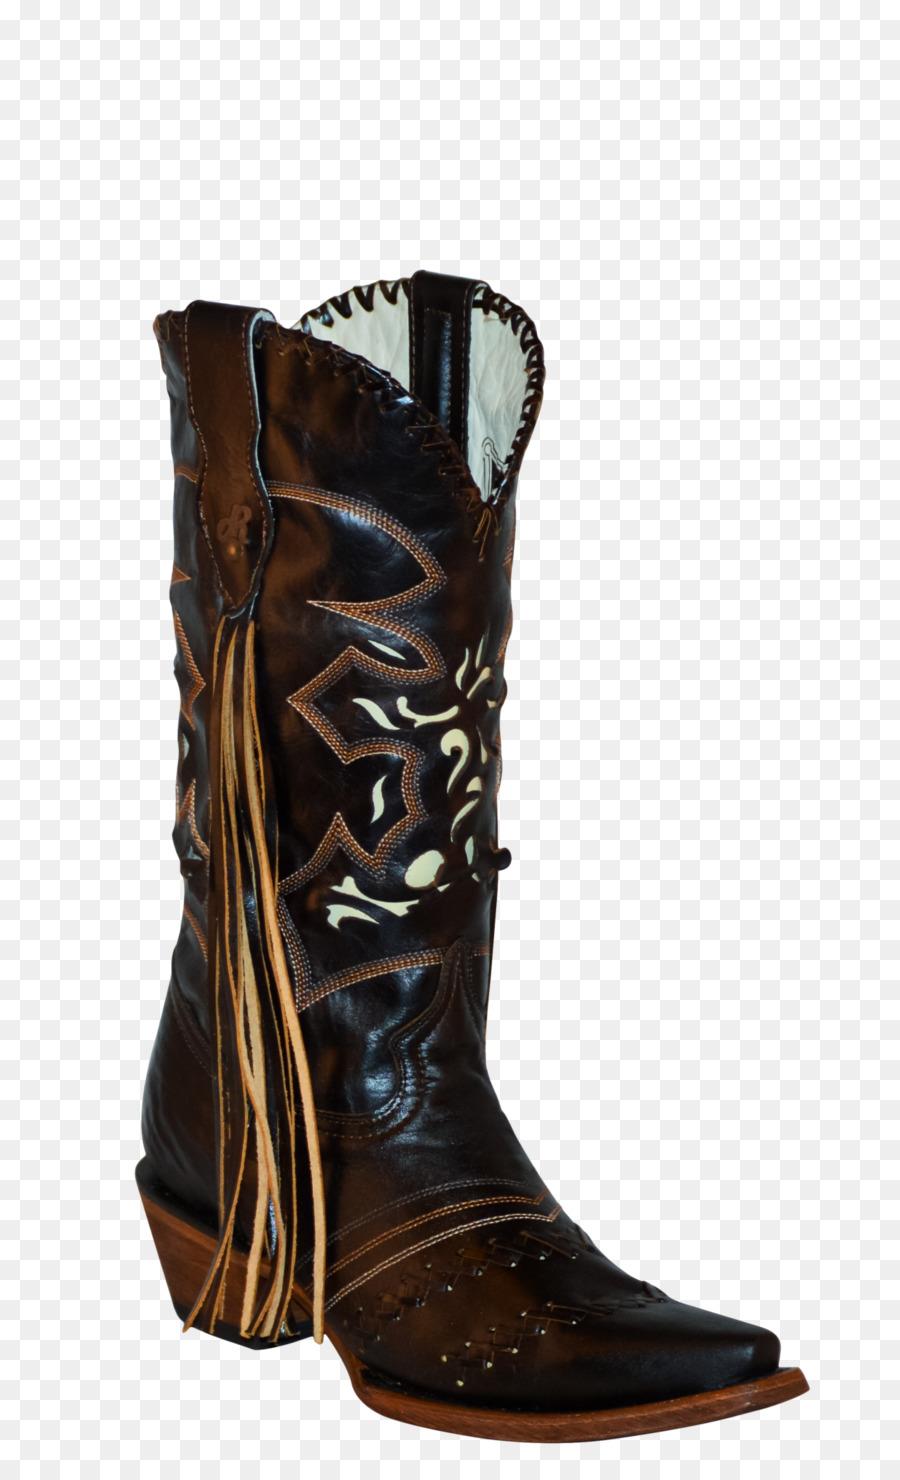 Stiefel Cafe Boot herunterladen png Reitstiefel Cowboy P8n0wkO